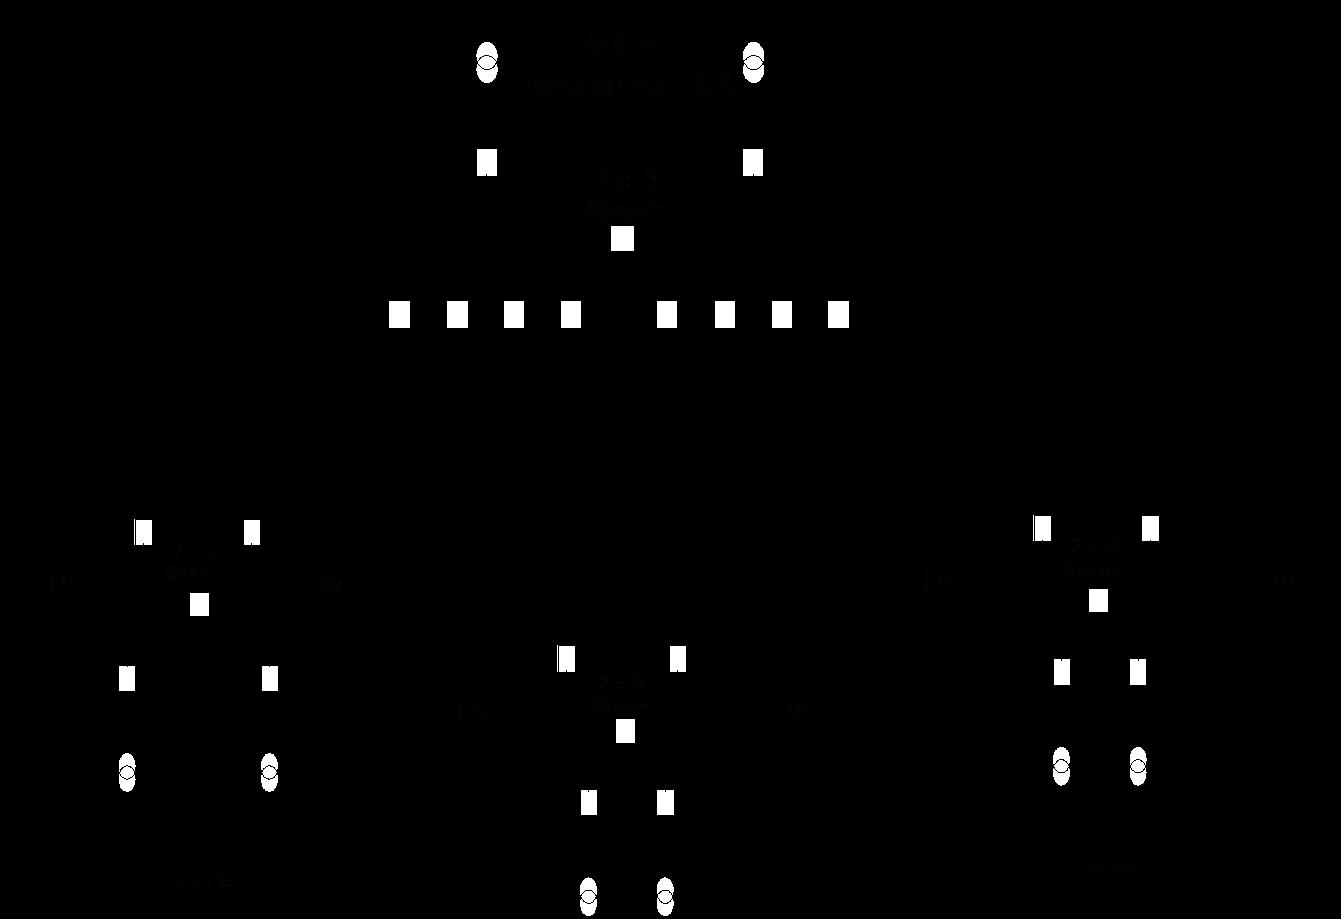 مخطط شبكة توزيع إشعاعية بمرحلتي توزيع